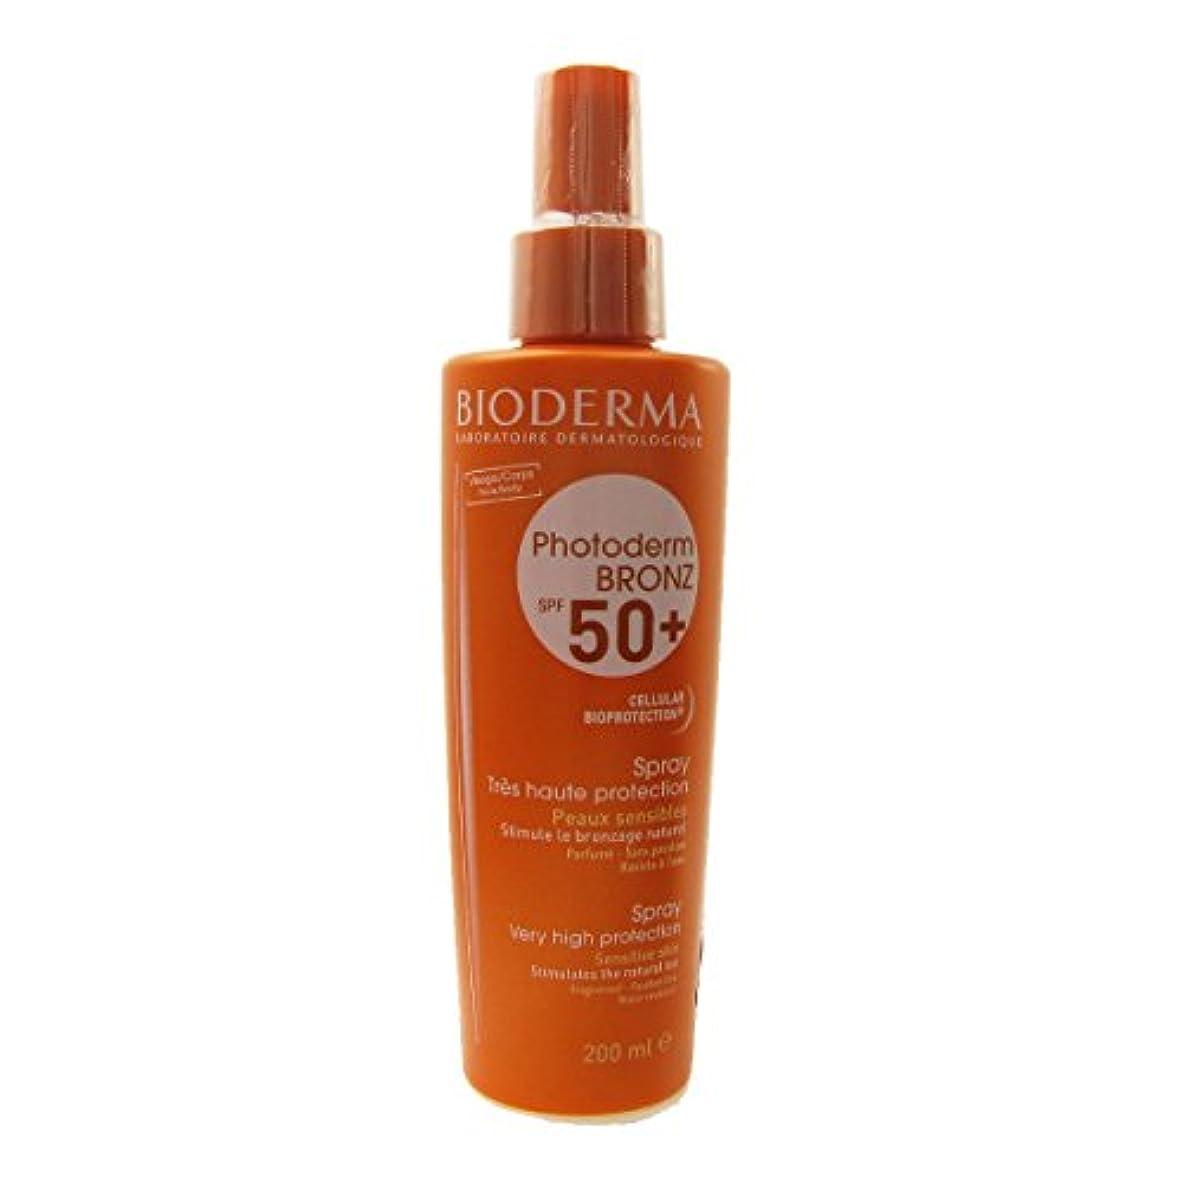 フォージスーパーマーケットタッチBioderma Photoderm Bronz Spf 50 Spray 200ml [並行輸入品]